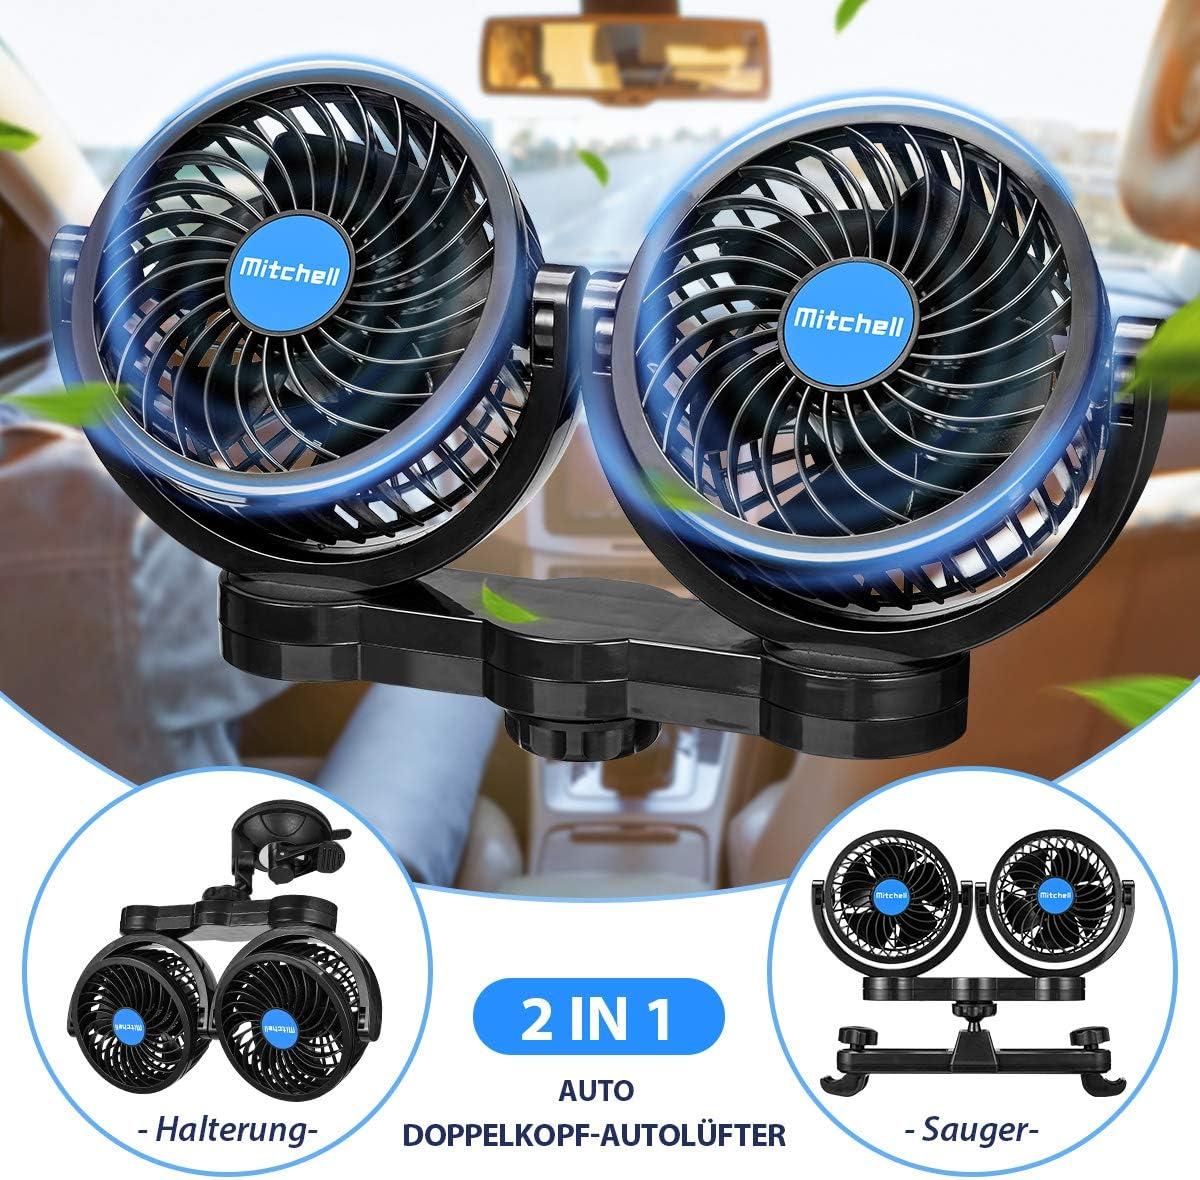 Amazon.es: ISSYZONE - Ventilador doble para coche con encendedor de cigarrillos de 12 V, dos métodos de instalación, velocidad giratoria para vehículos, camiones, asiento trasero